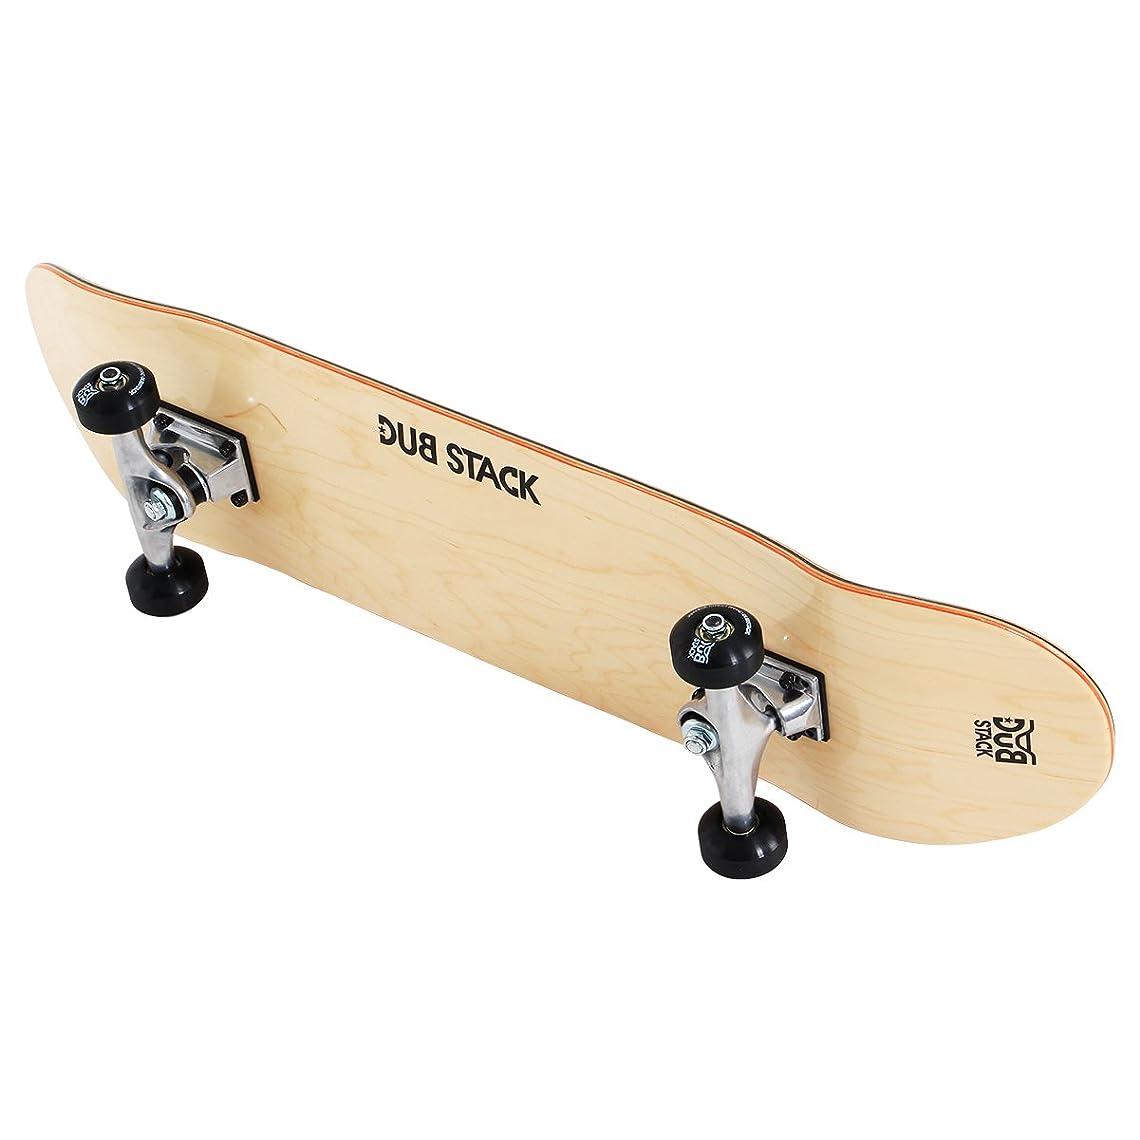 火星災害なぜDUB STACK(ダブスタック) スケートボード DSB-10 31インチ 【高品質カナディアンメープルデッキ】 コンプリートセット 【ABEC5ベアリング採用】